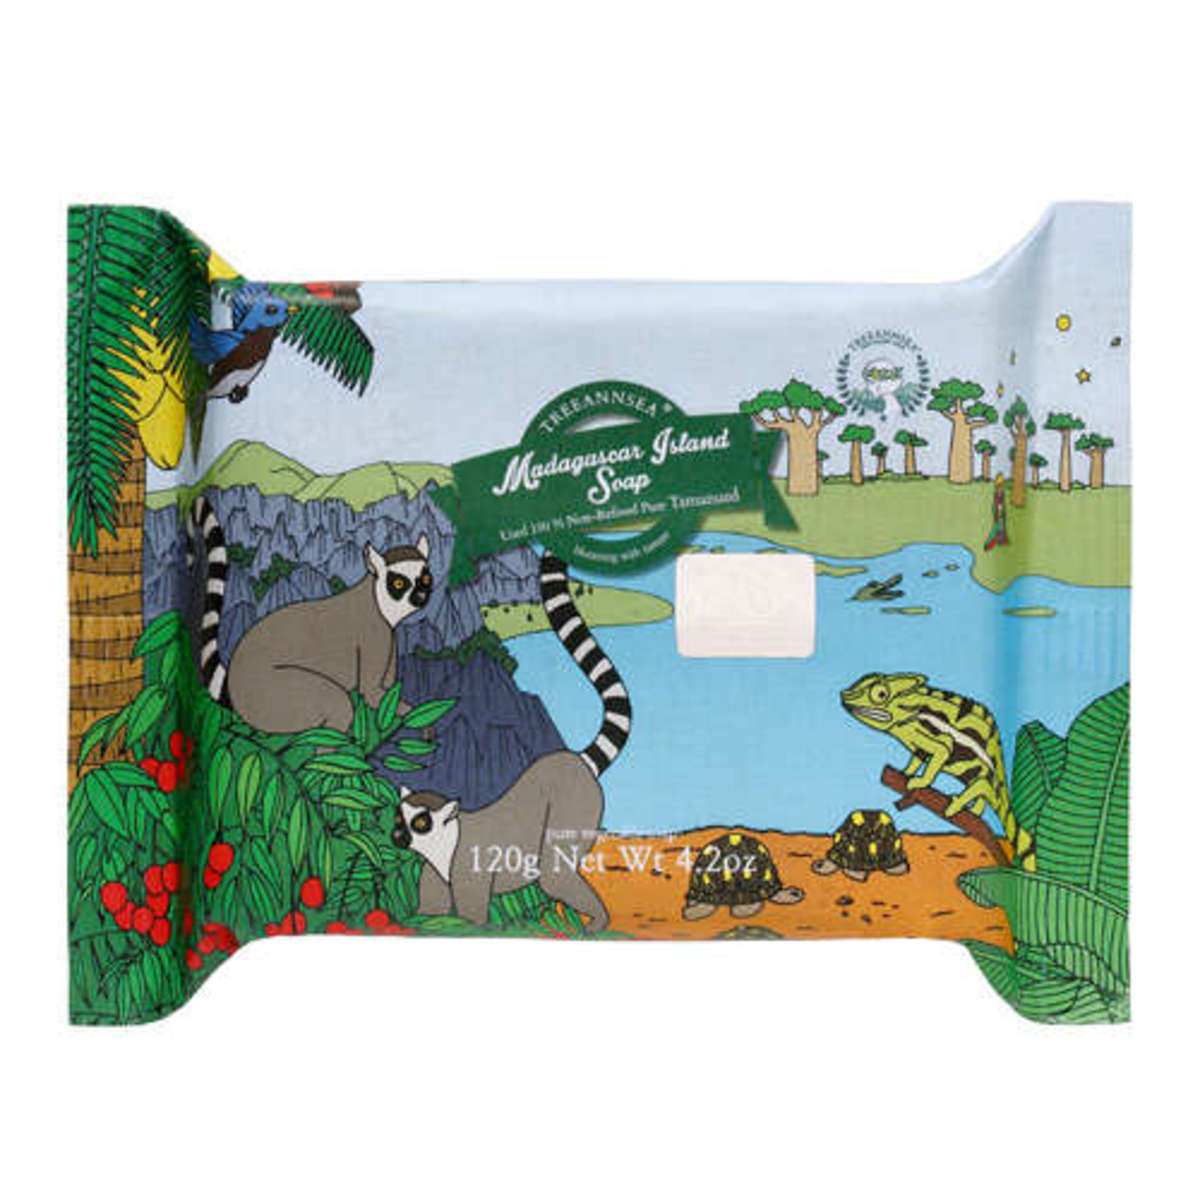 馬達加斯加瓊崖海棠油毛孔潔淨香皂